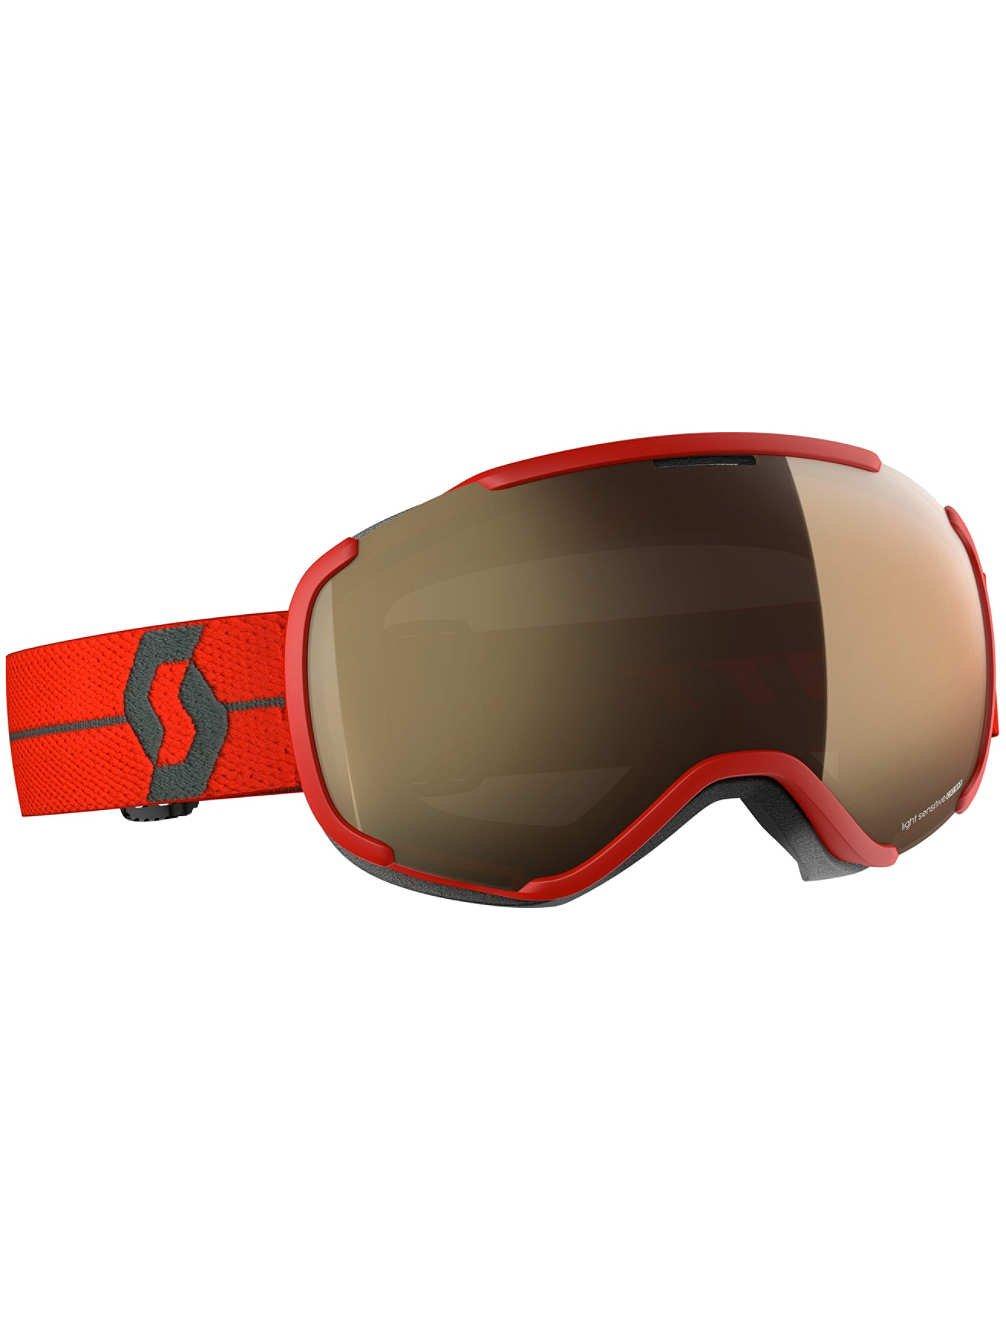 Scott Herren Schneebrille Faze II LS Red Goggle